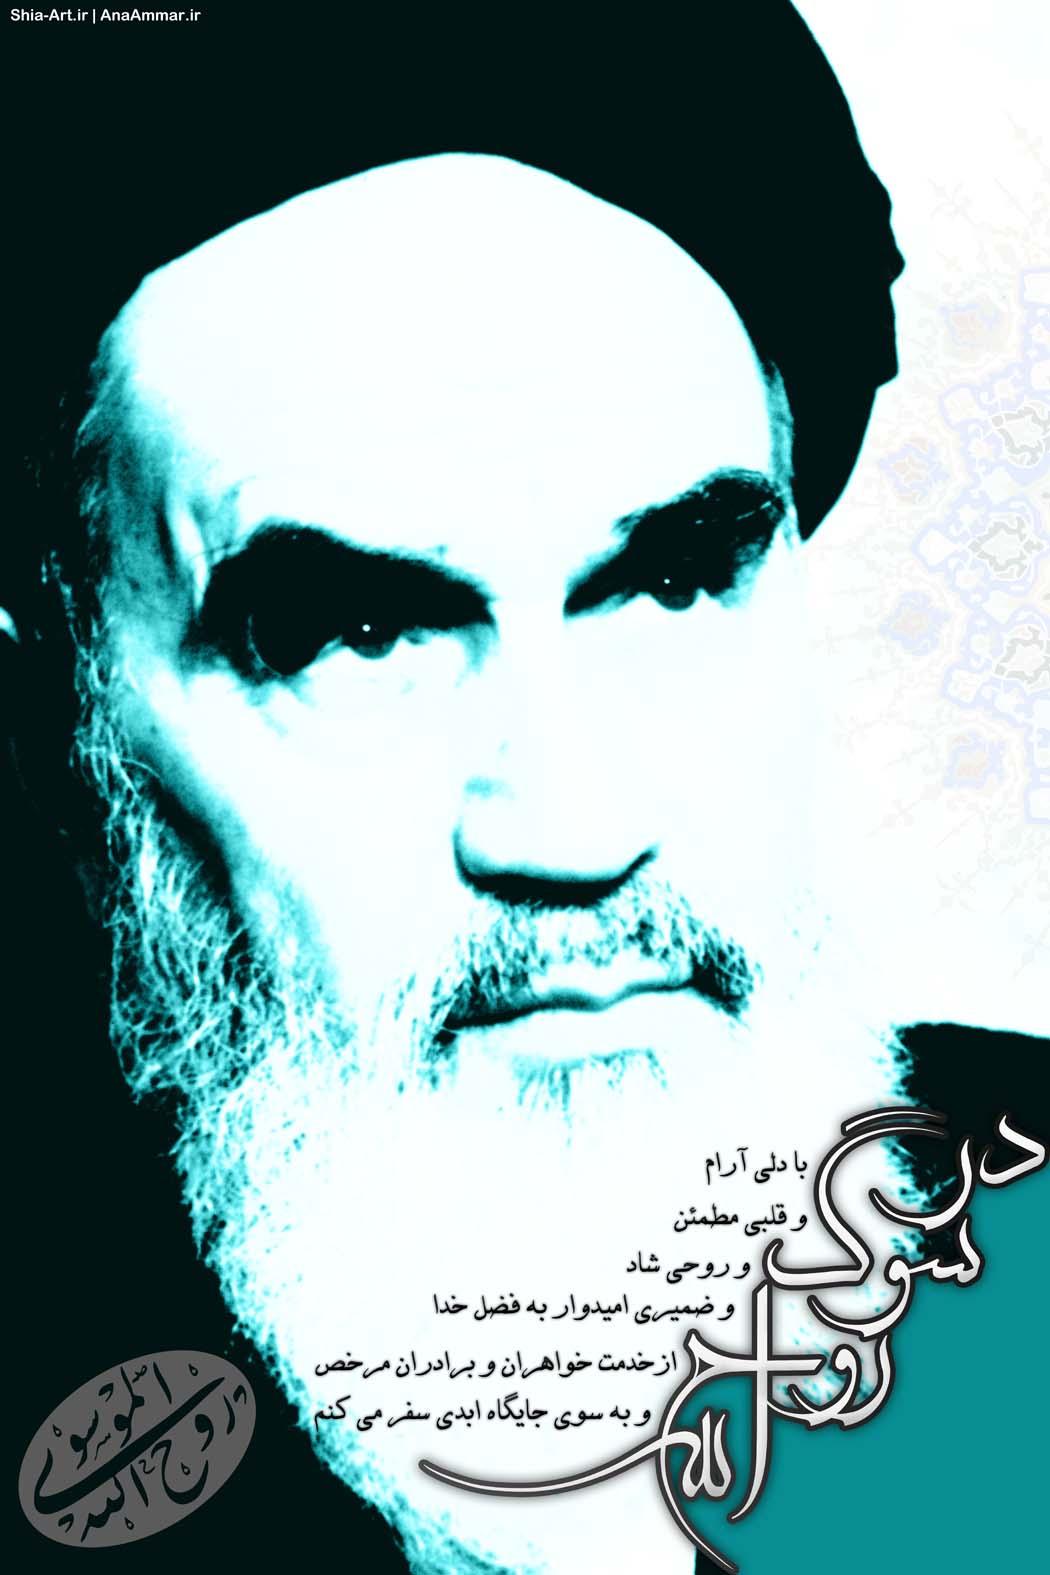 بنر و پوستر رحلت امام خمینی (ره)